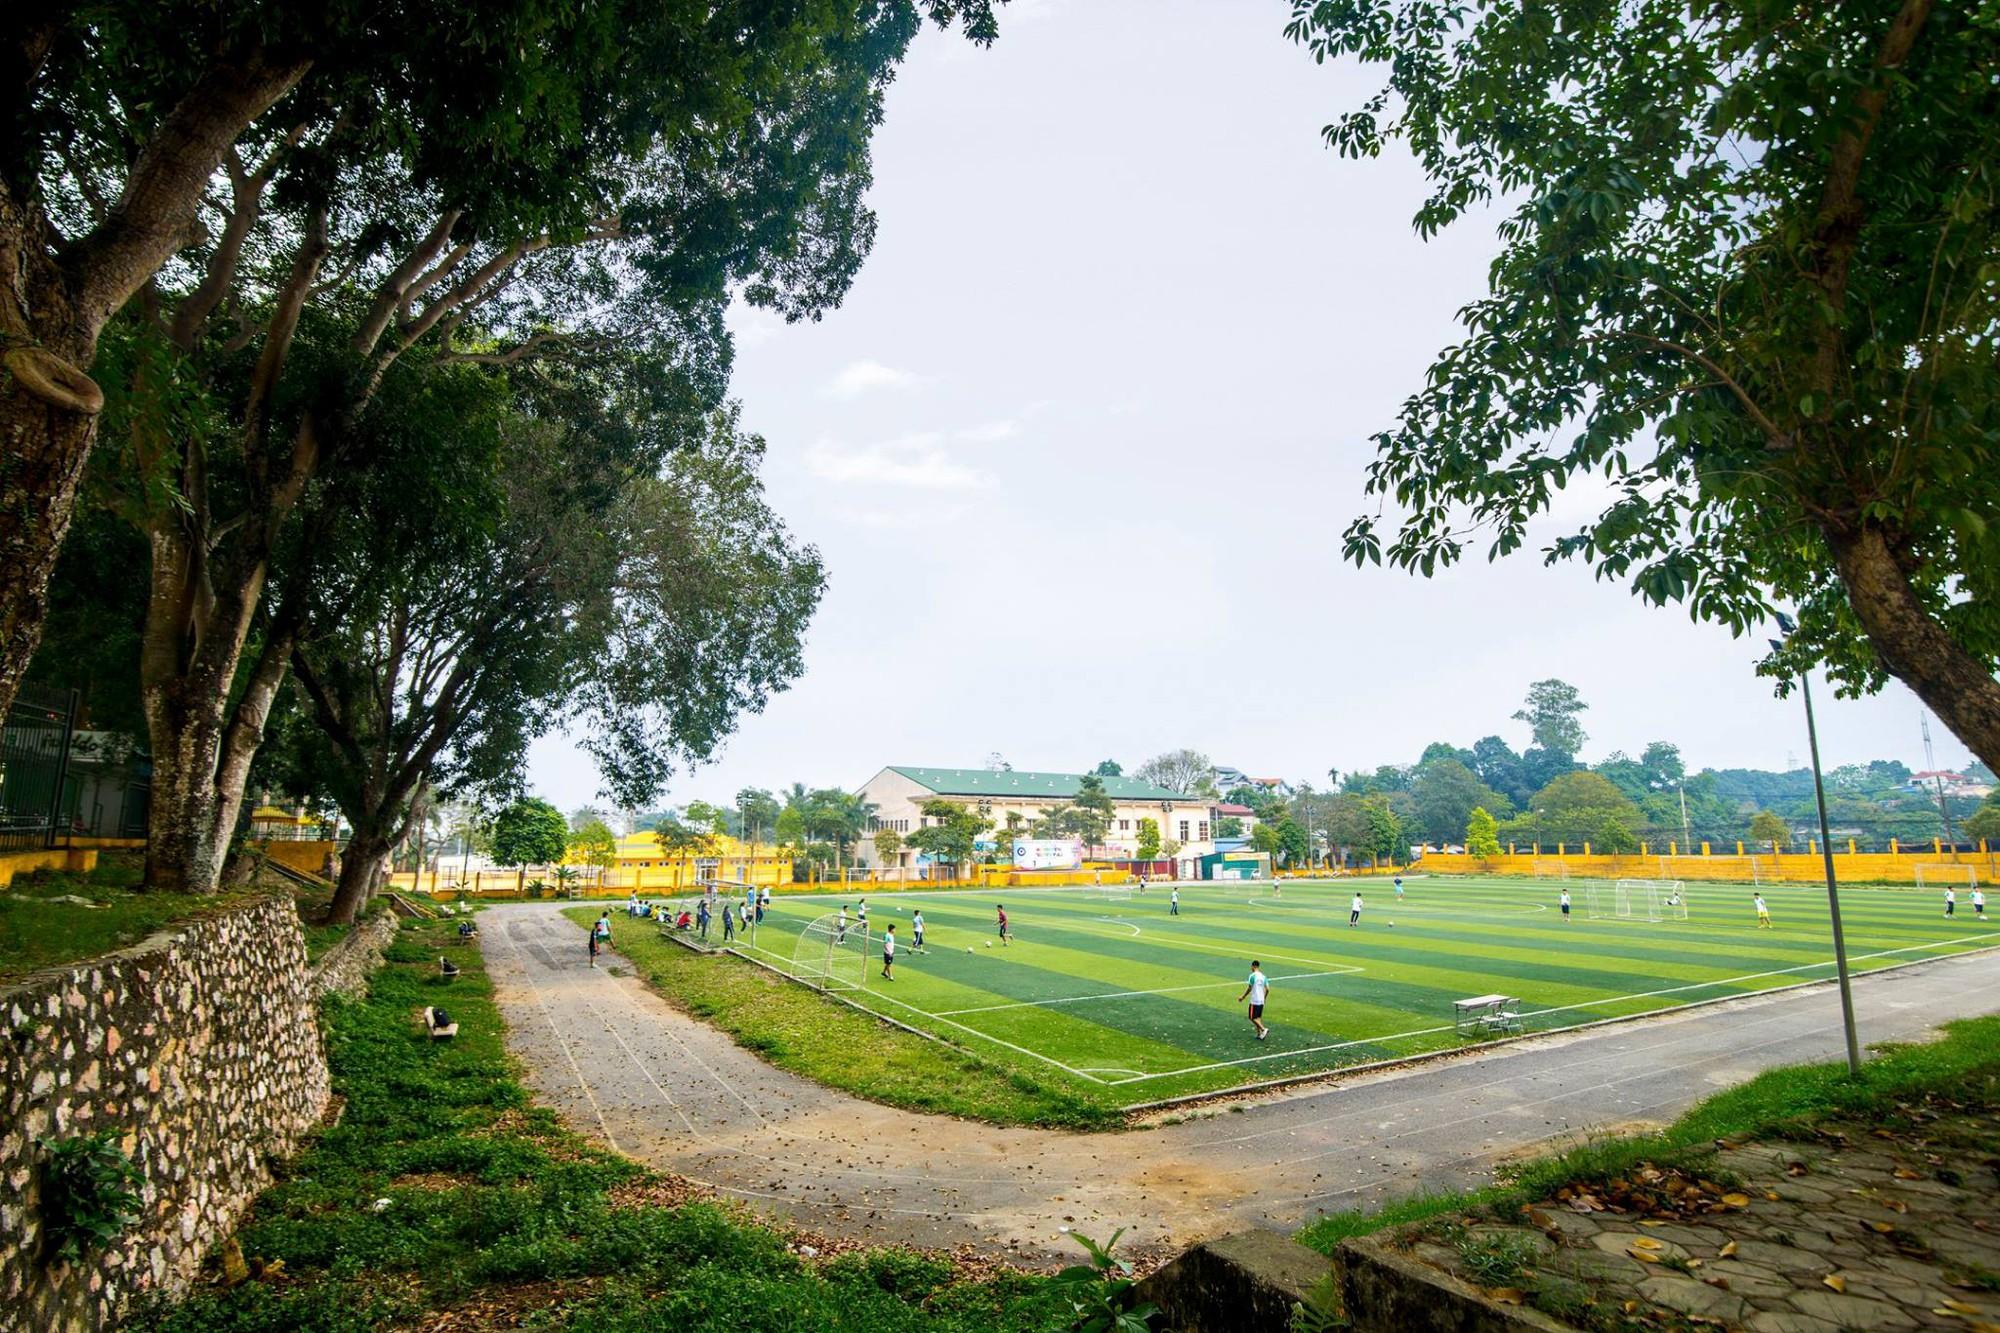 Đây là Đại học duy nhất ở Việt Nam có 1 khu rừng tuyệt đẹp ngay trong khuôn viên trường, tha hồ sống ảo - Ảnh 16.